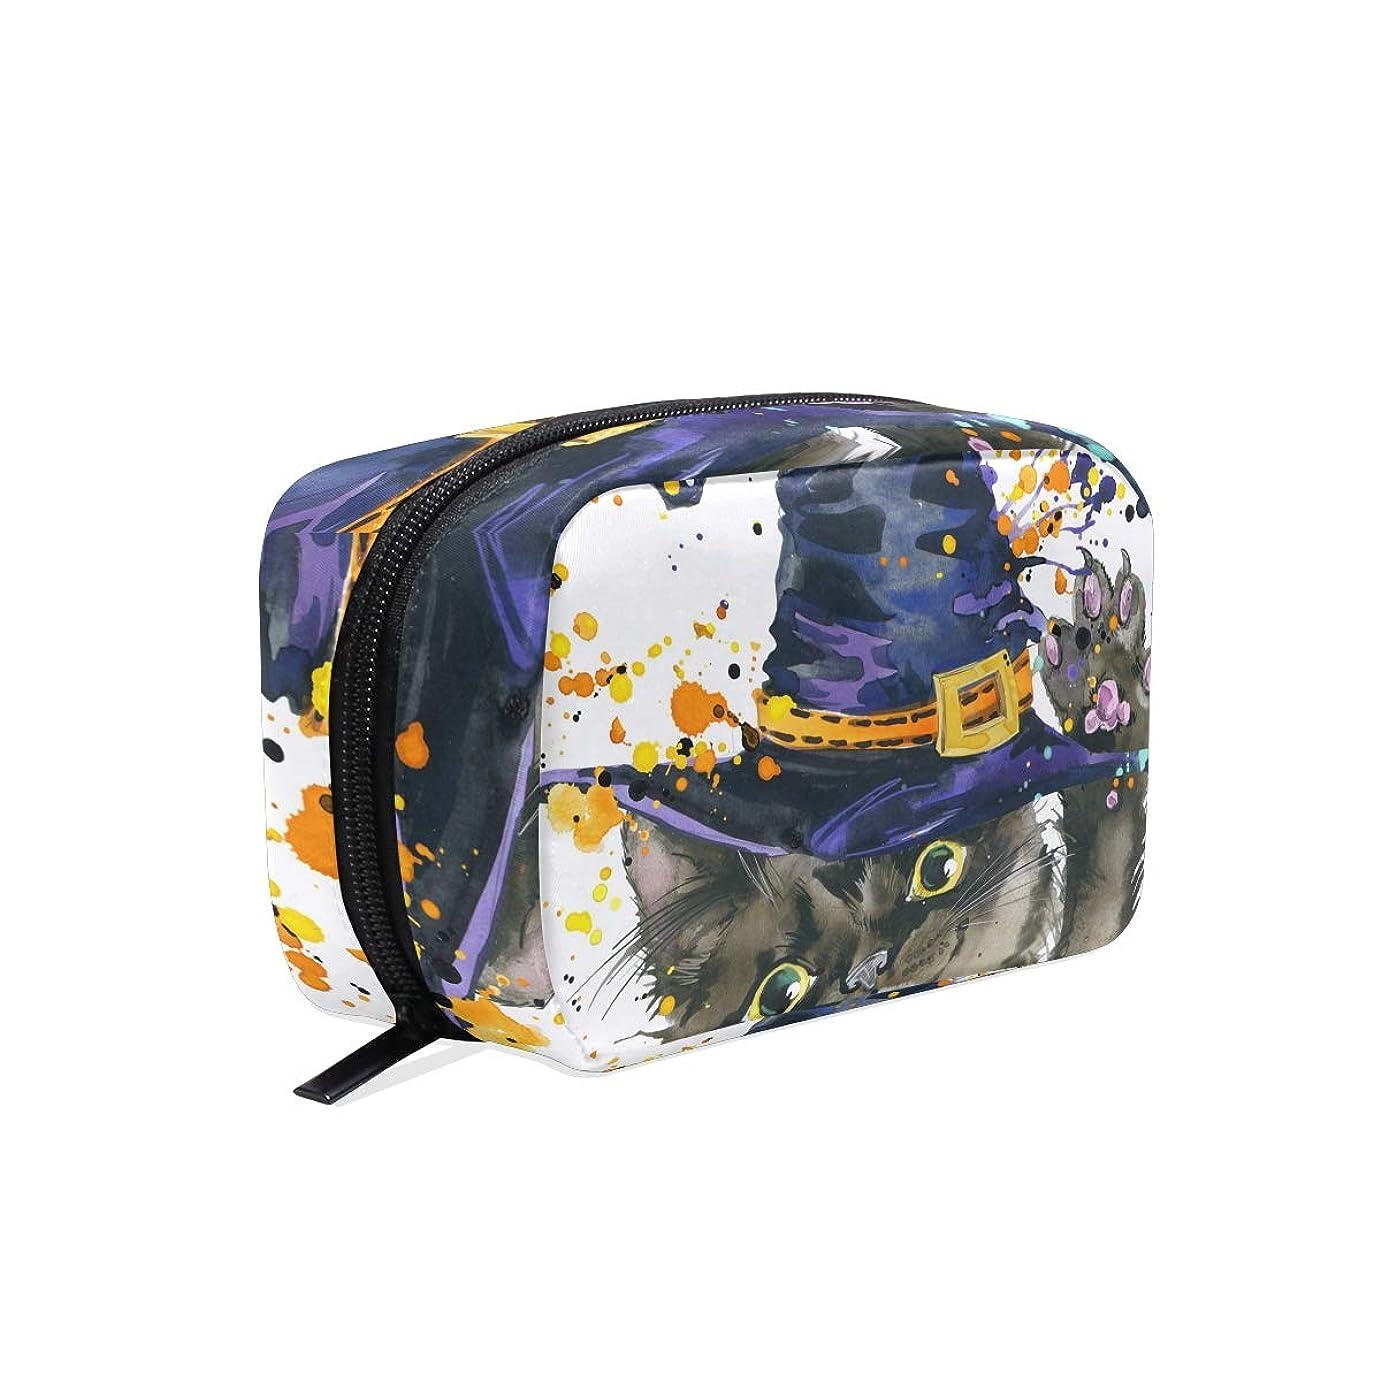 扱う動機付けるエレベーター化粧品ポーチ ハロウィーン 猫 かわいい 仕切り付き 大容量 機能性 軽量 人気 収納バッグ  レディース トラベル 雑貨 小物入れ 防水 ストレージポーチ 携帯便利 日用品 旅行 出張用 メイクポーチ